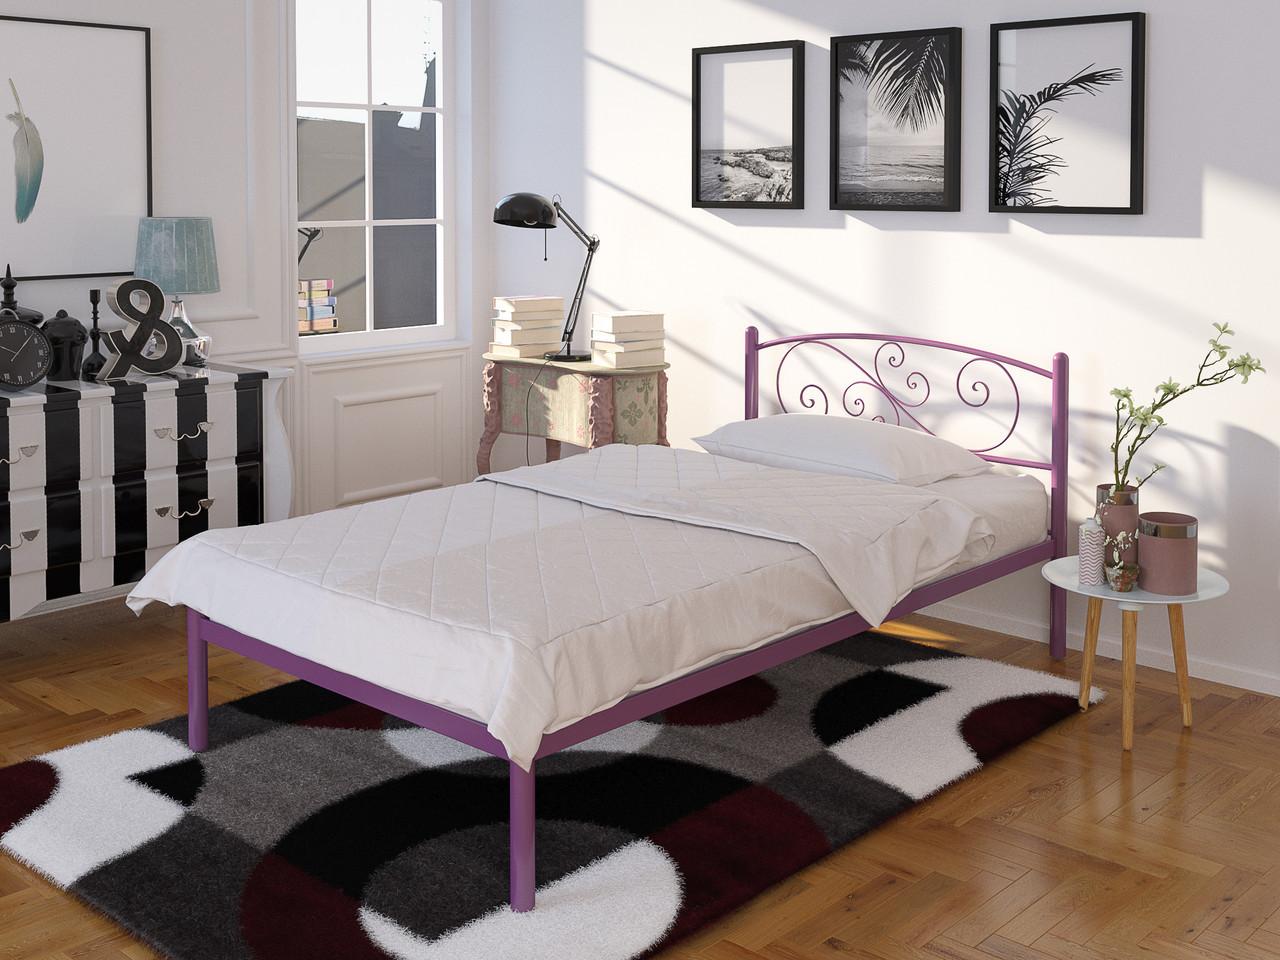 Металлическая одноместная кровать Лилия Мини